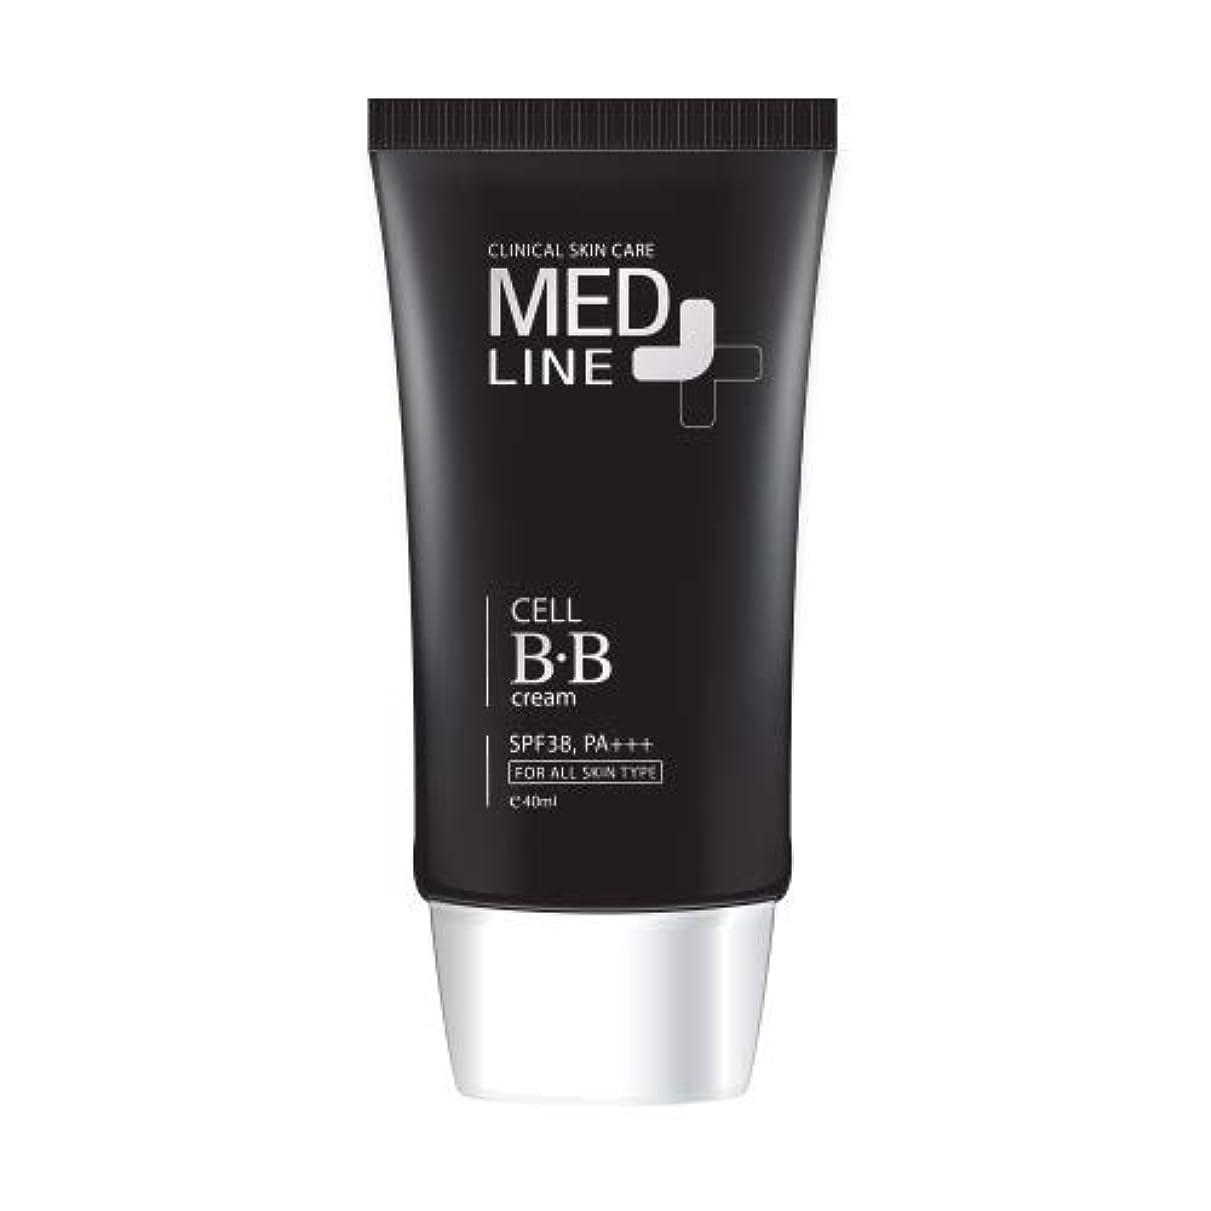 近く前者誤解メドライン(Med Line) セルBBクリーム(Cell B.B Cream)